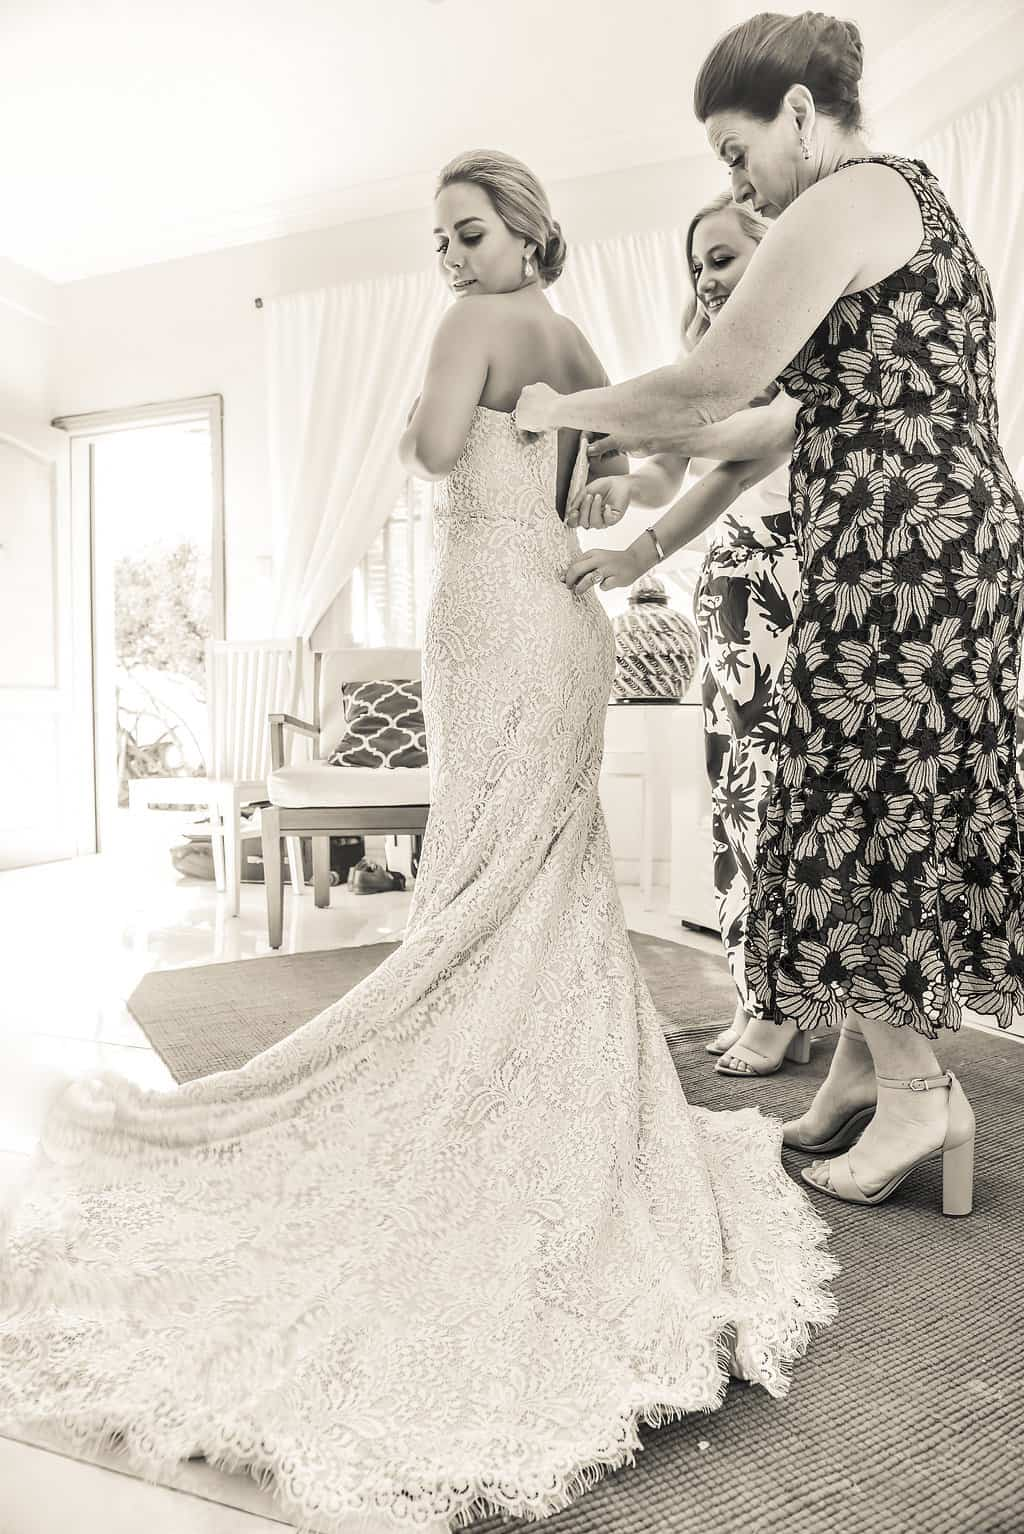 islamujeres-zama-weddingphotographer-courtneybritt7